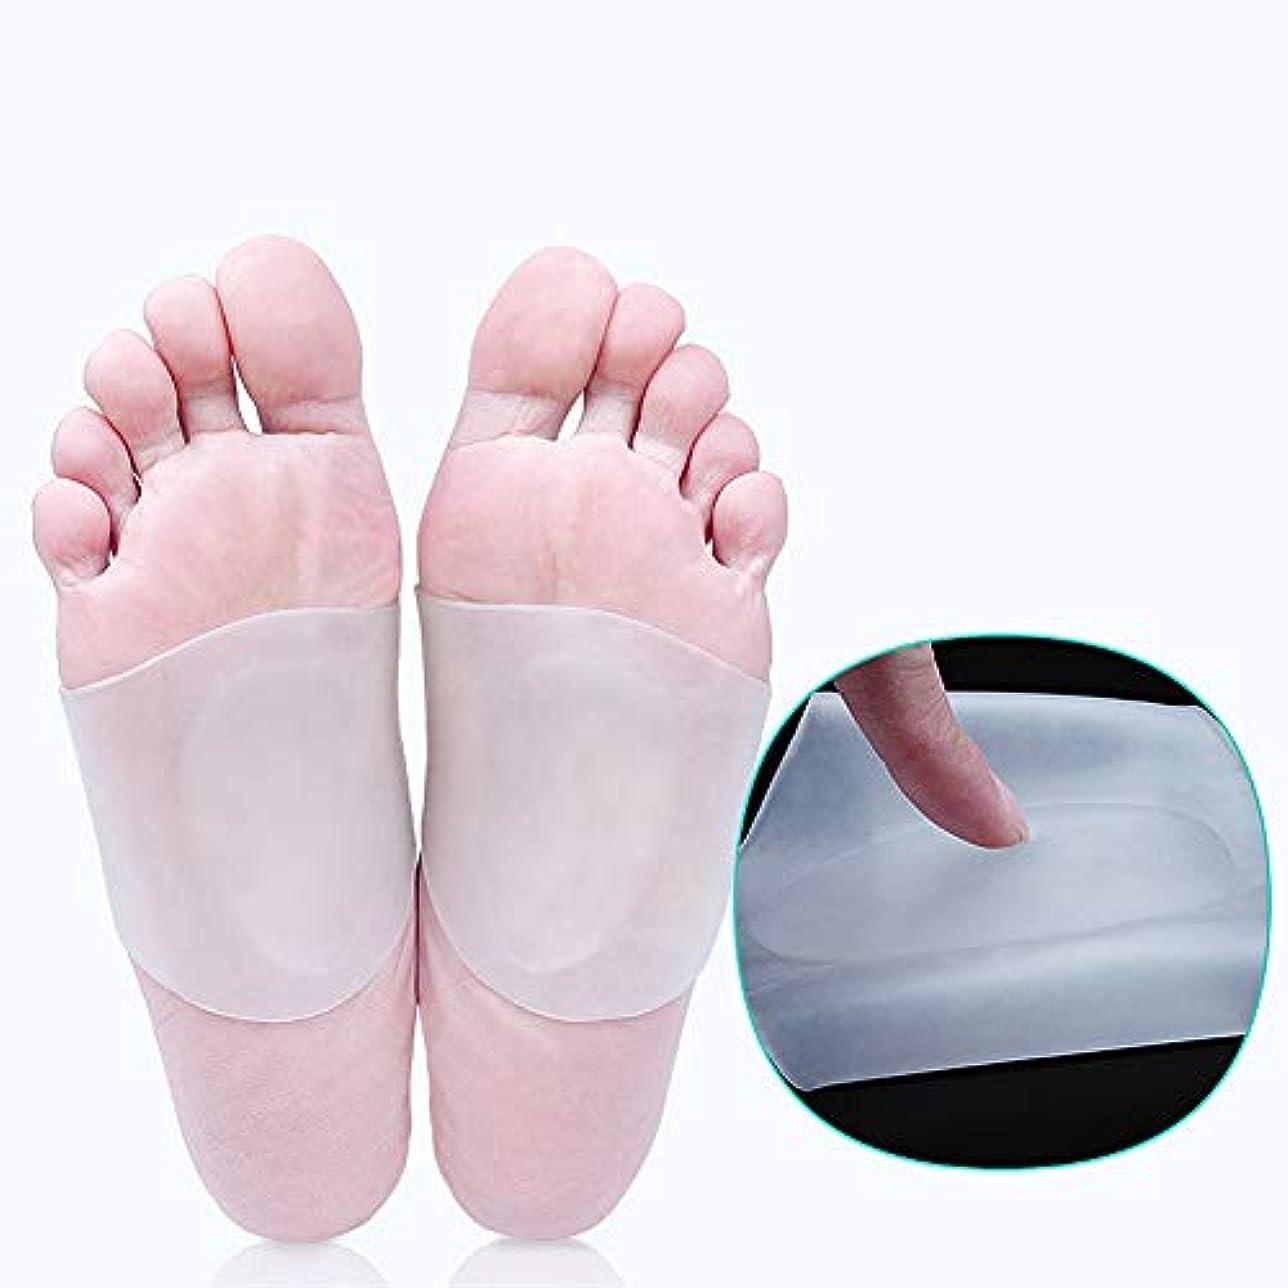 積極的ににんじんモールアーチ型サポートシューインサートフットパッド、足底筋膜炎インサートフラットフットパッド、ハイまたはローアーチジェルパッドインソール、フットアーチとかかとの痛みを緩和 (S)